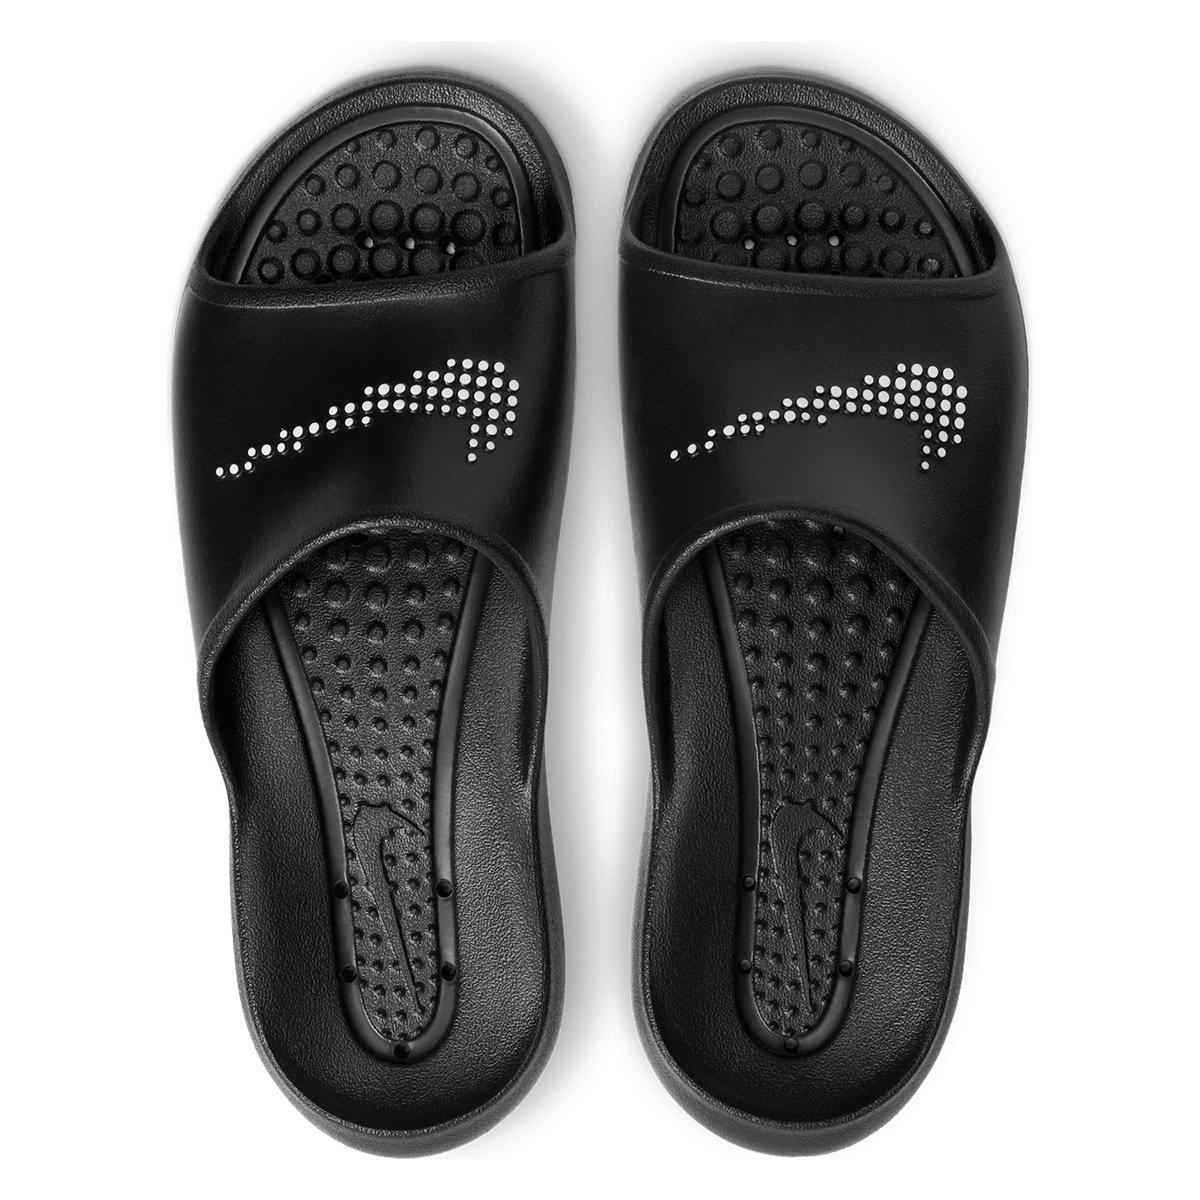 Chinelo Slide Nike Victori One Shower Masculino - Preto e Branco